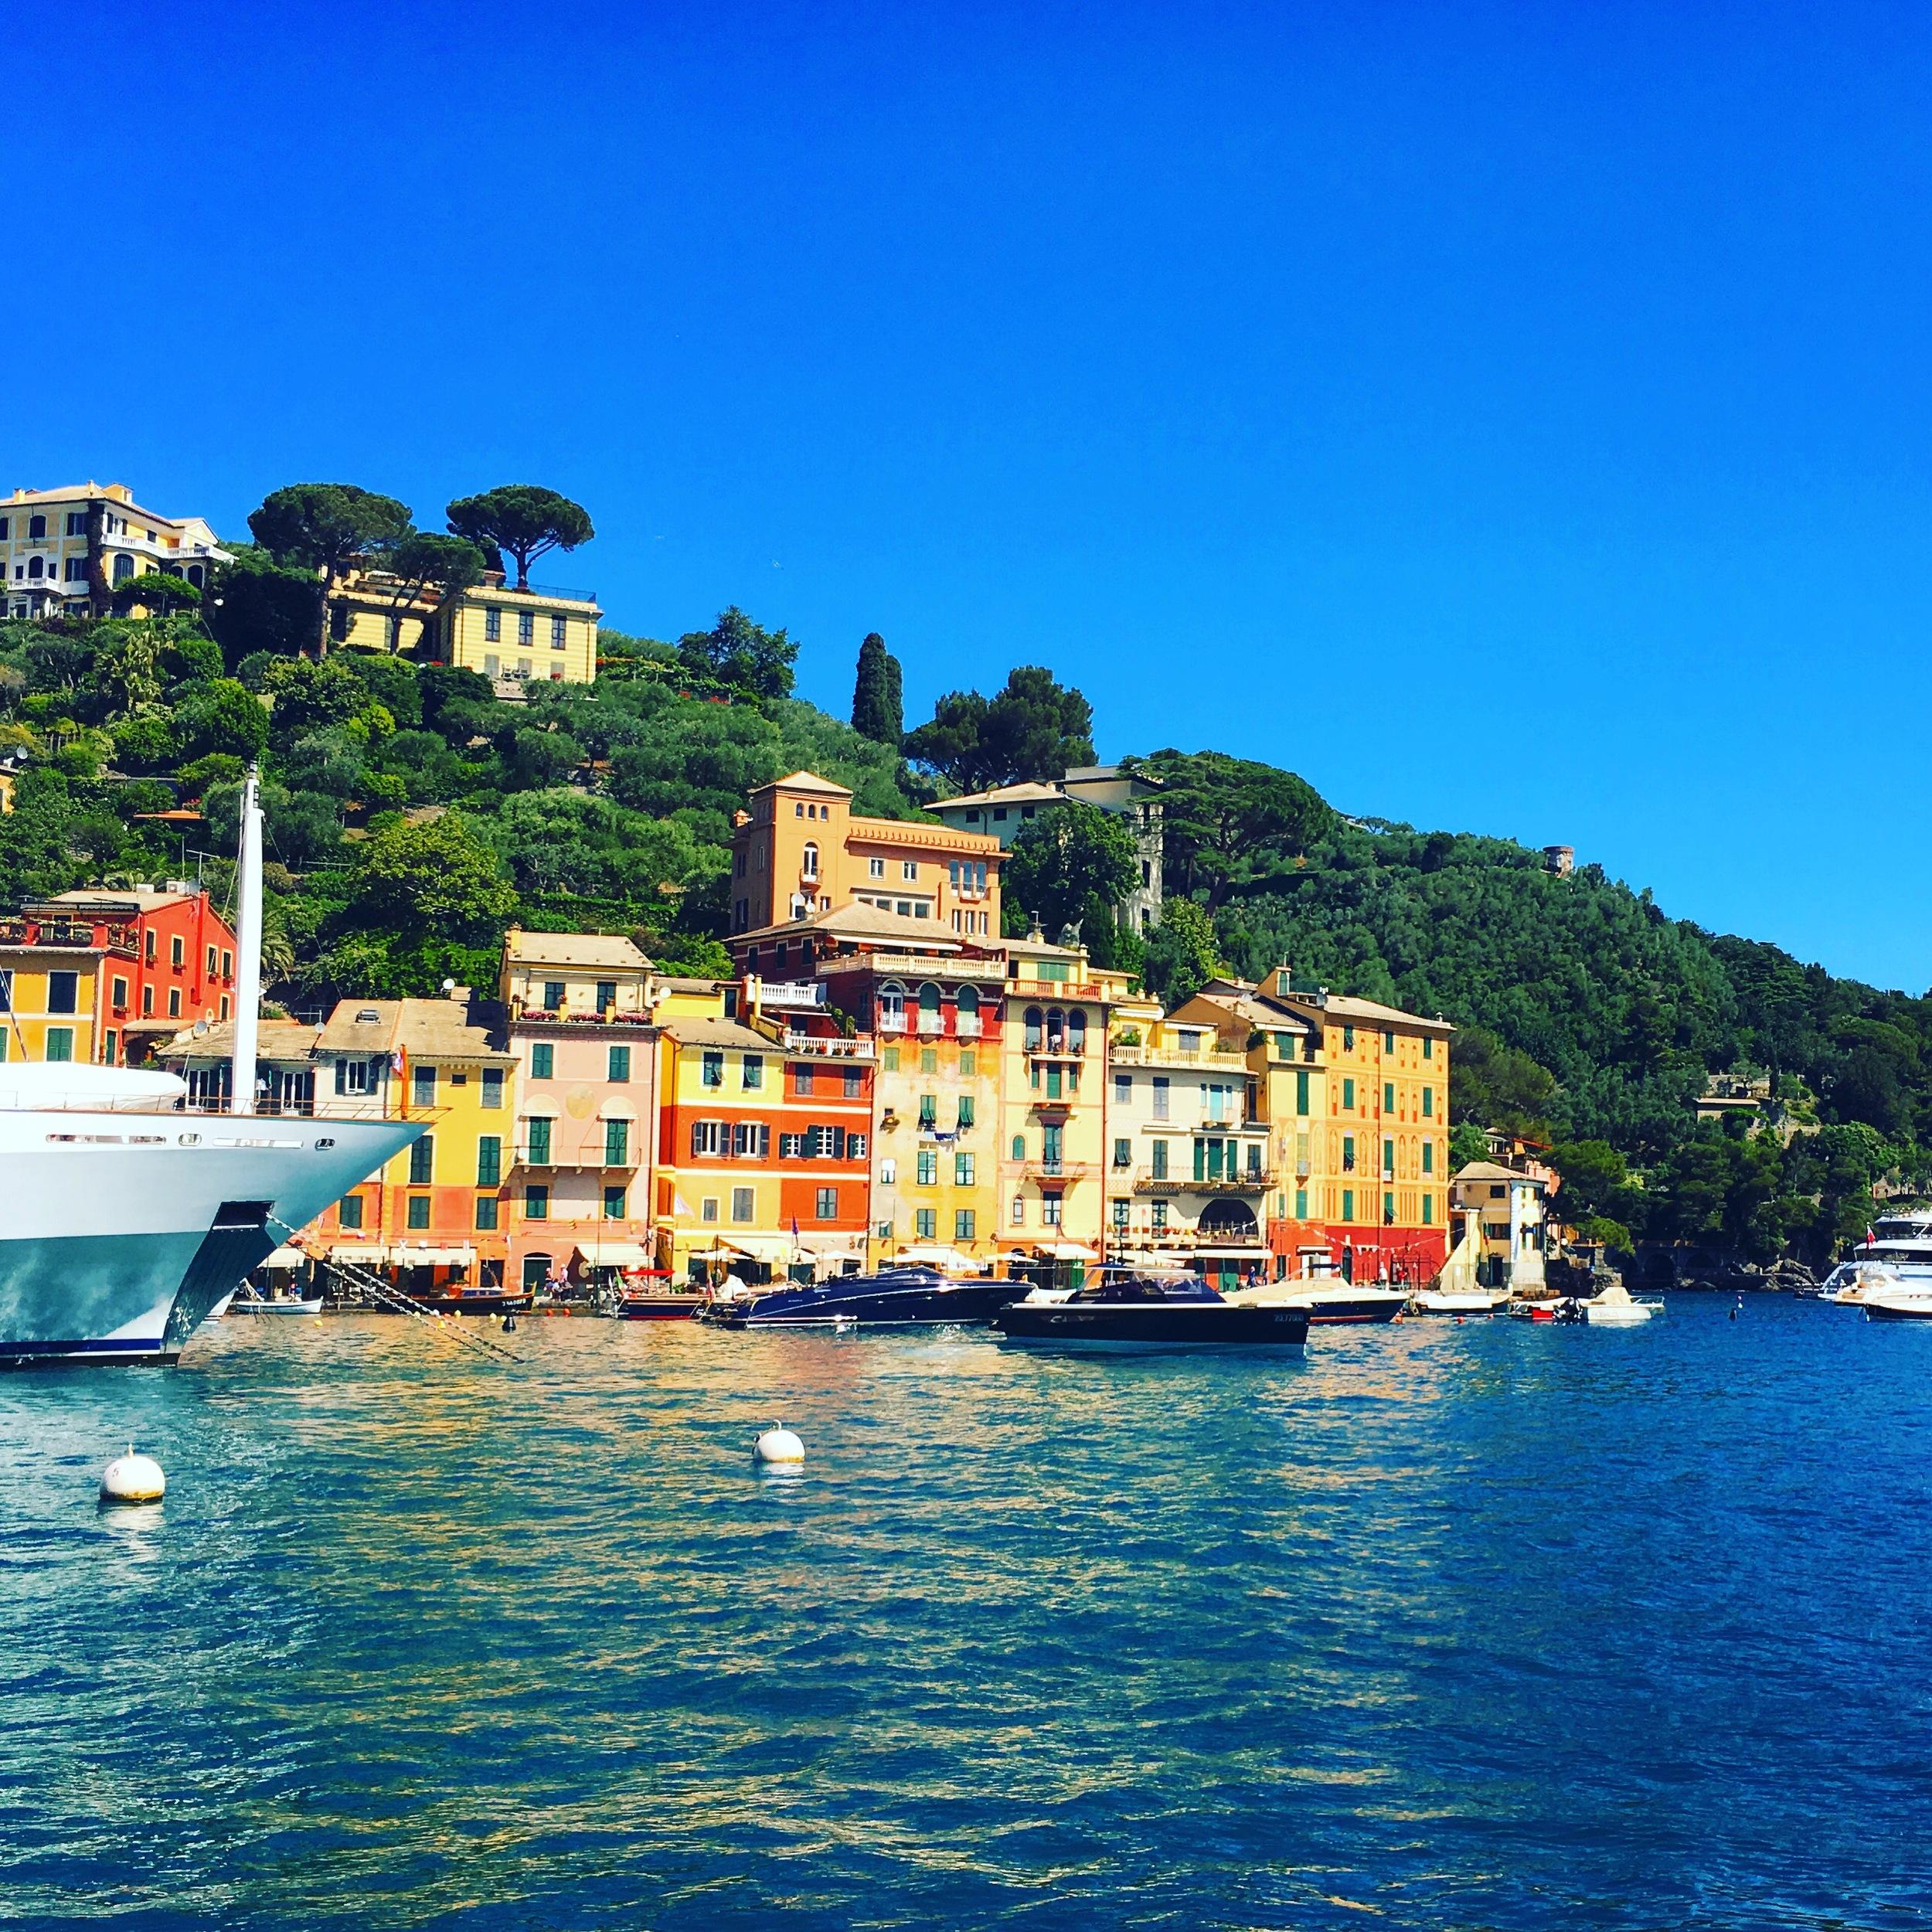 Sumptuous, sumptuous Portofino